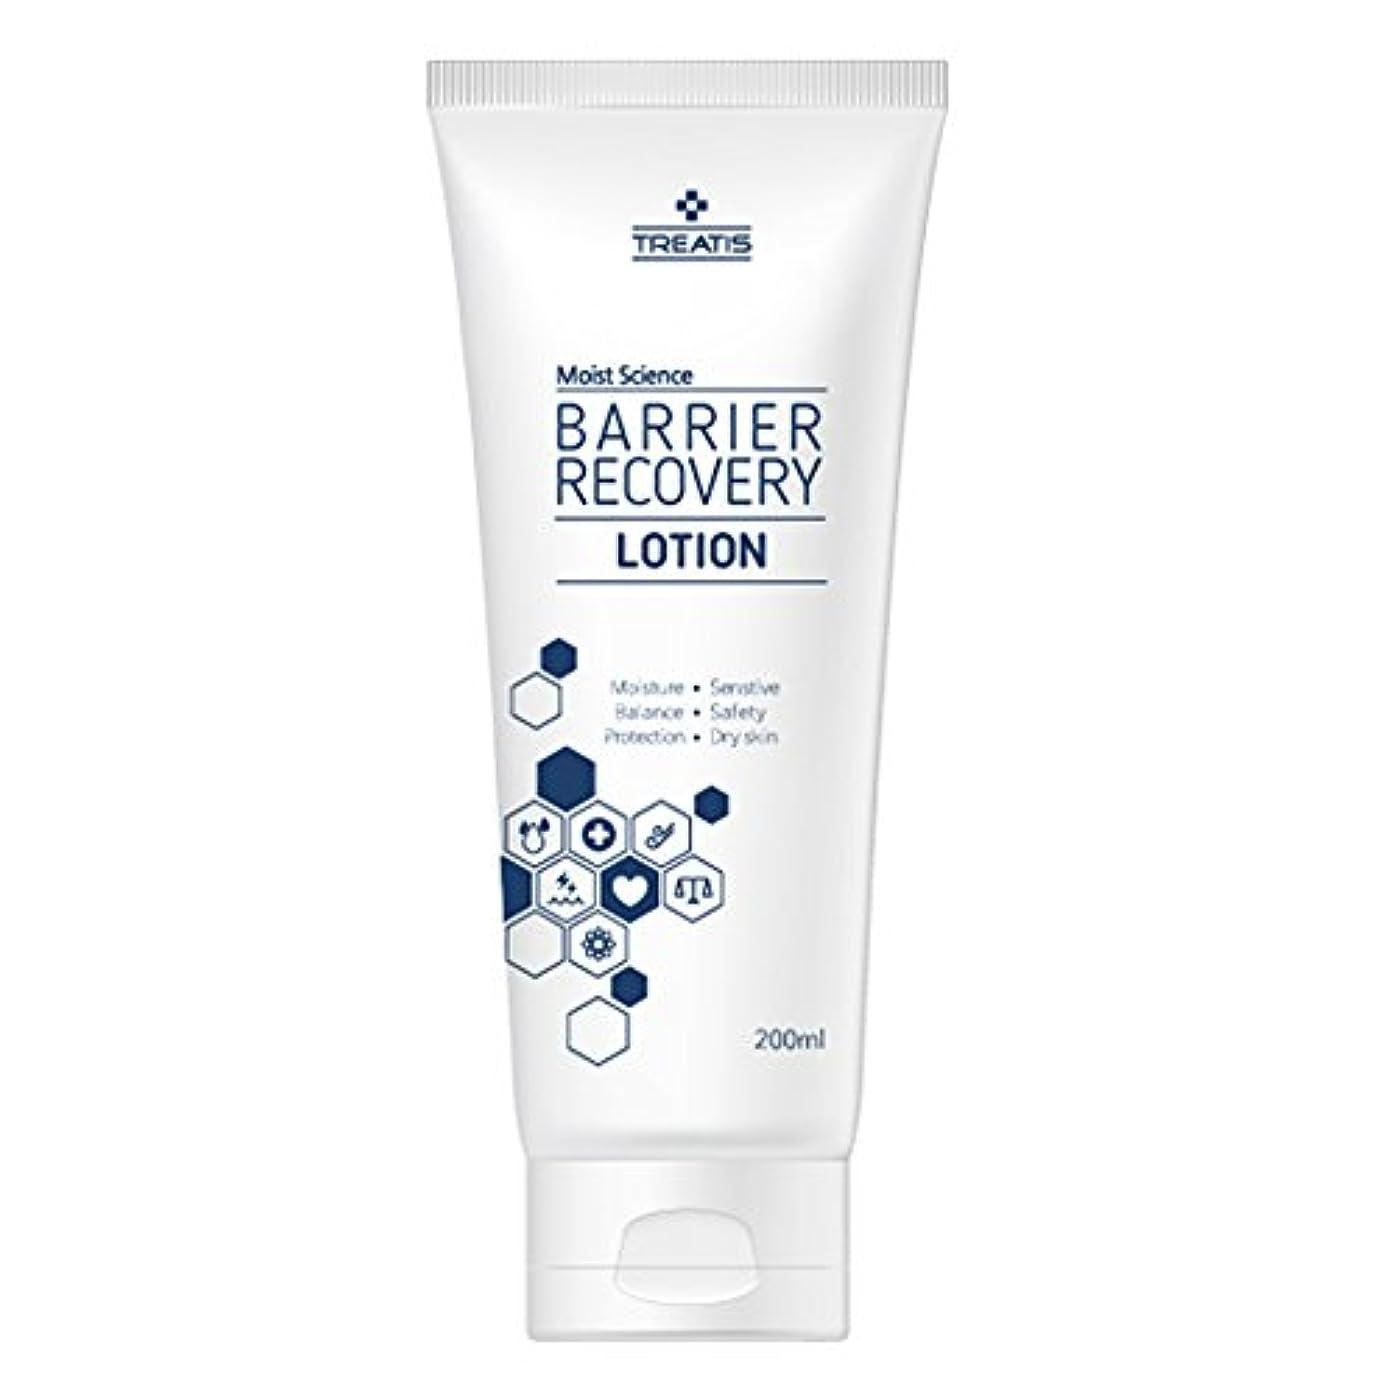 バラバラにする水没給料Treatis barrier recovery lotion 7oz (200ml)/Moisture, Senstive, Balance, Safty, Protection, Dry skin [並行輸入品]